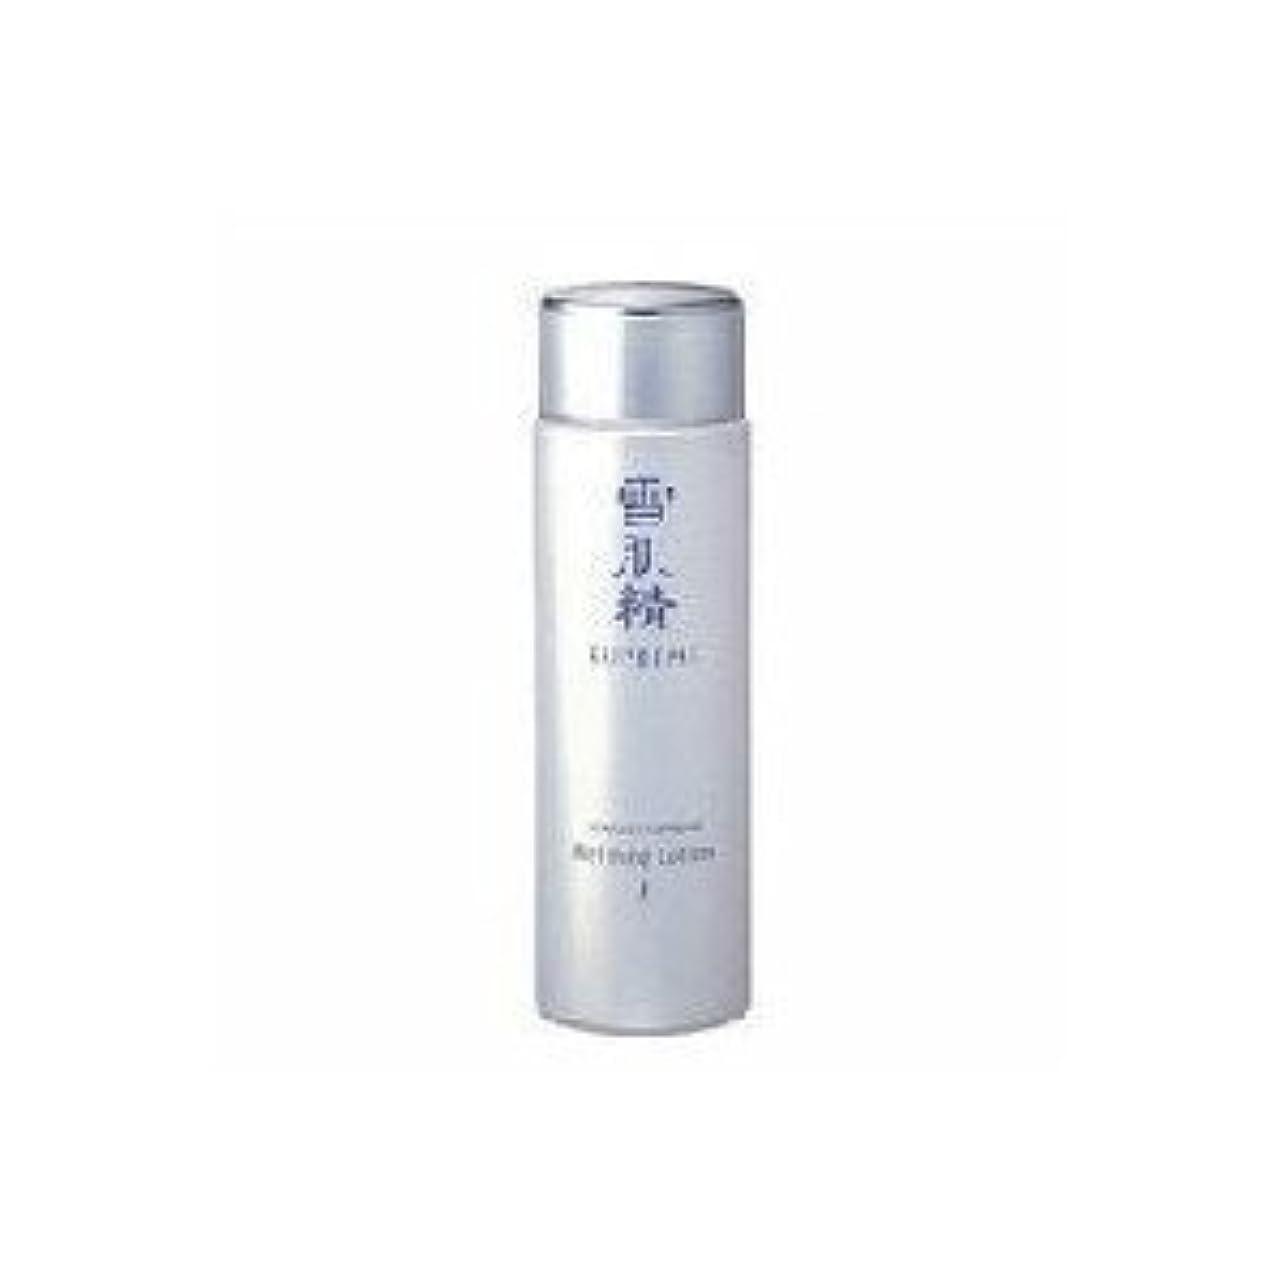 懲戒砂漠かまど限定品 コーセー 雪肌精 シュープレム 化粧水 II 400ml